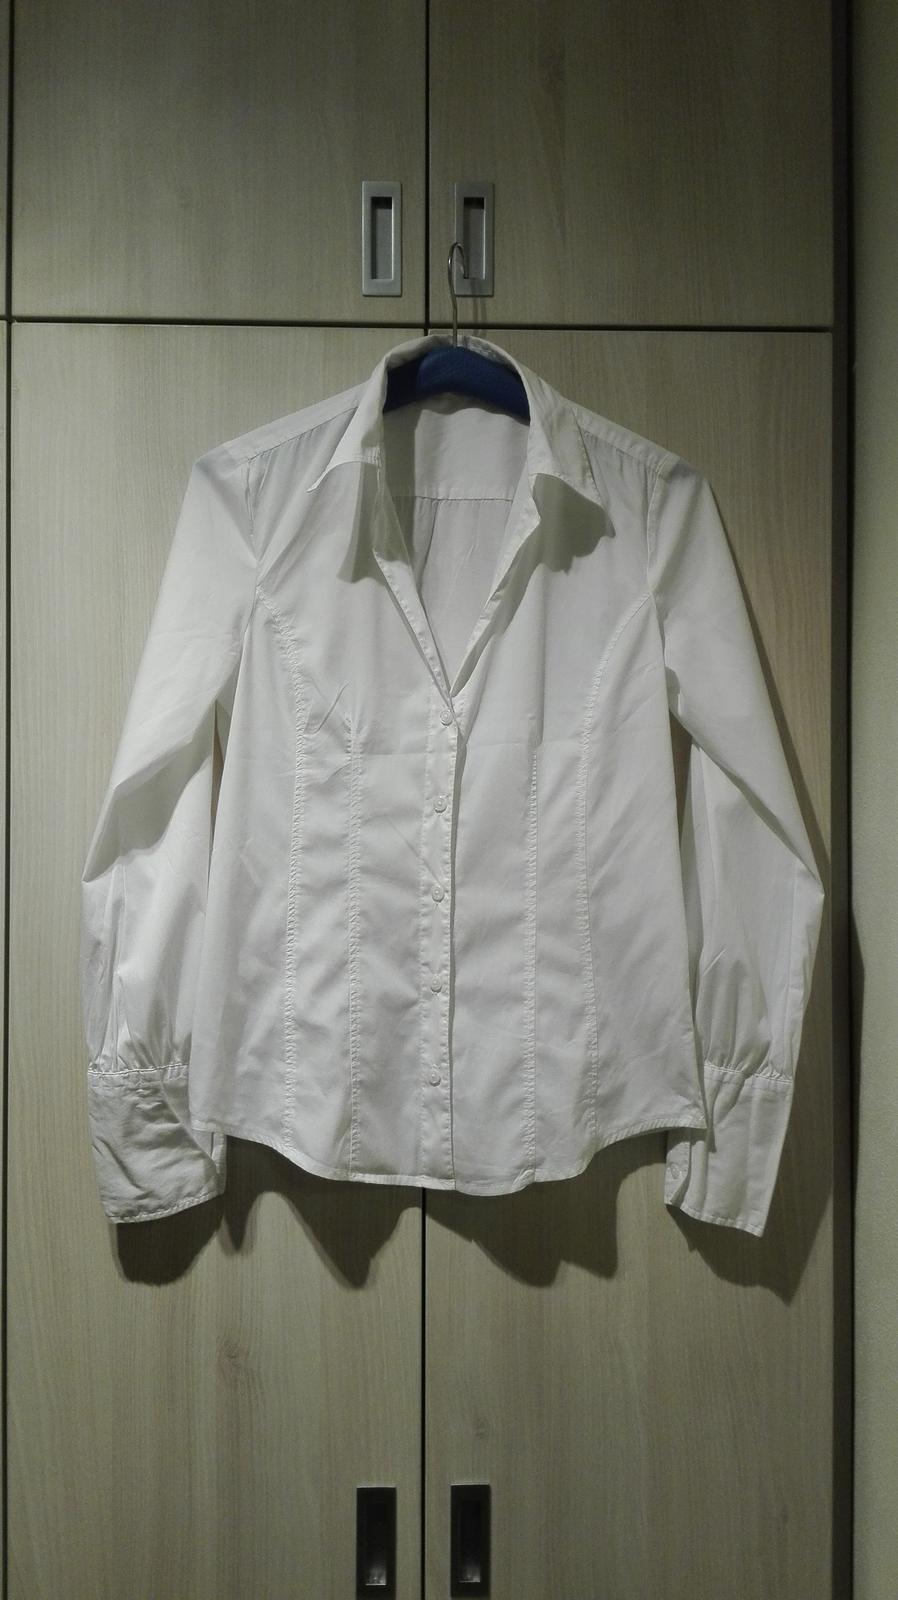 Košile benetton 8f89e8c2c3